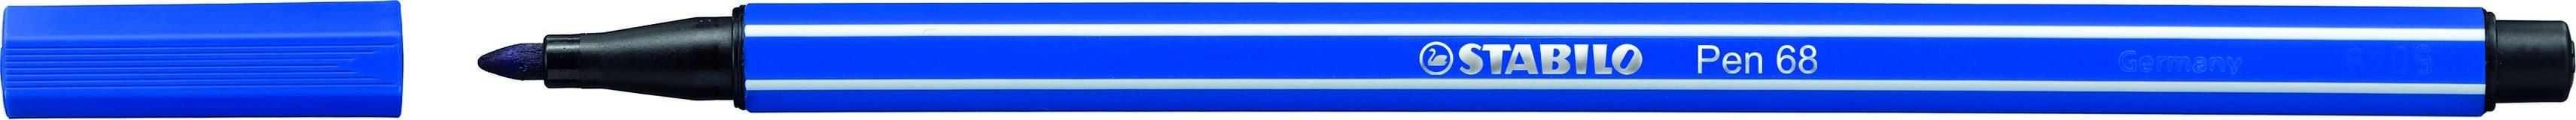 STABILO Pen 68 - feutre  pointe moyenne - Bleu outre mer